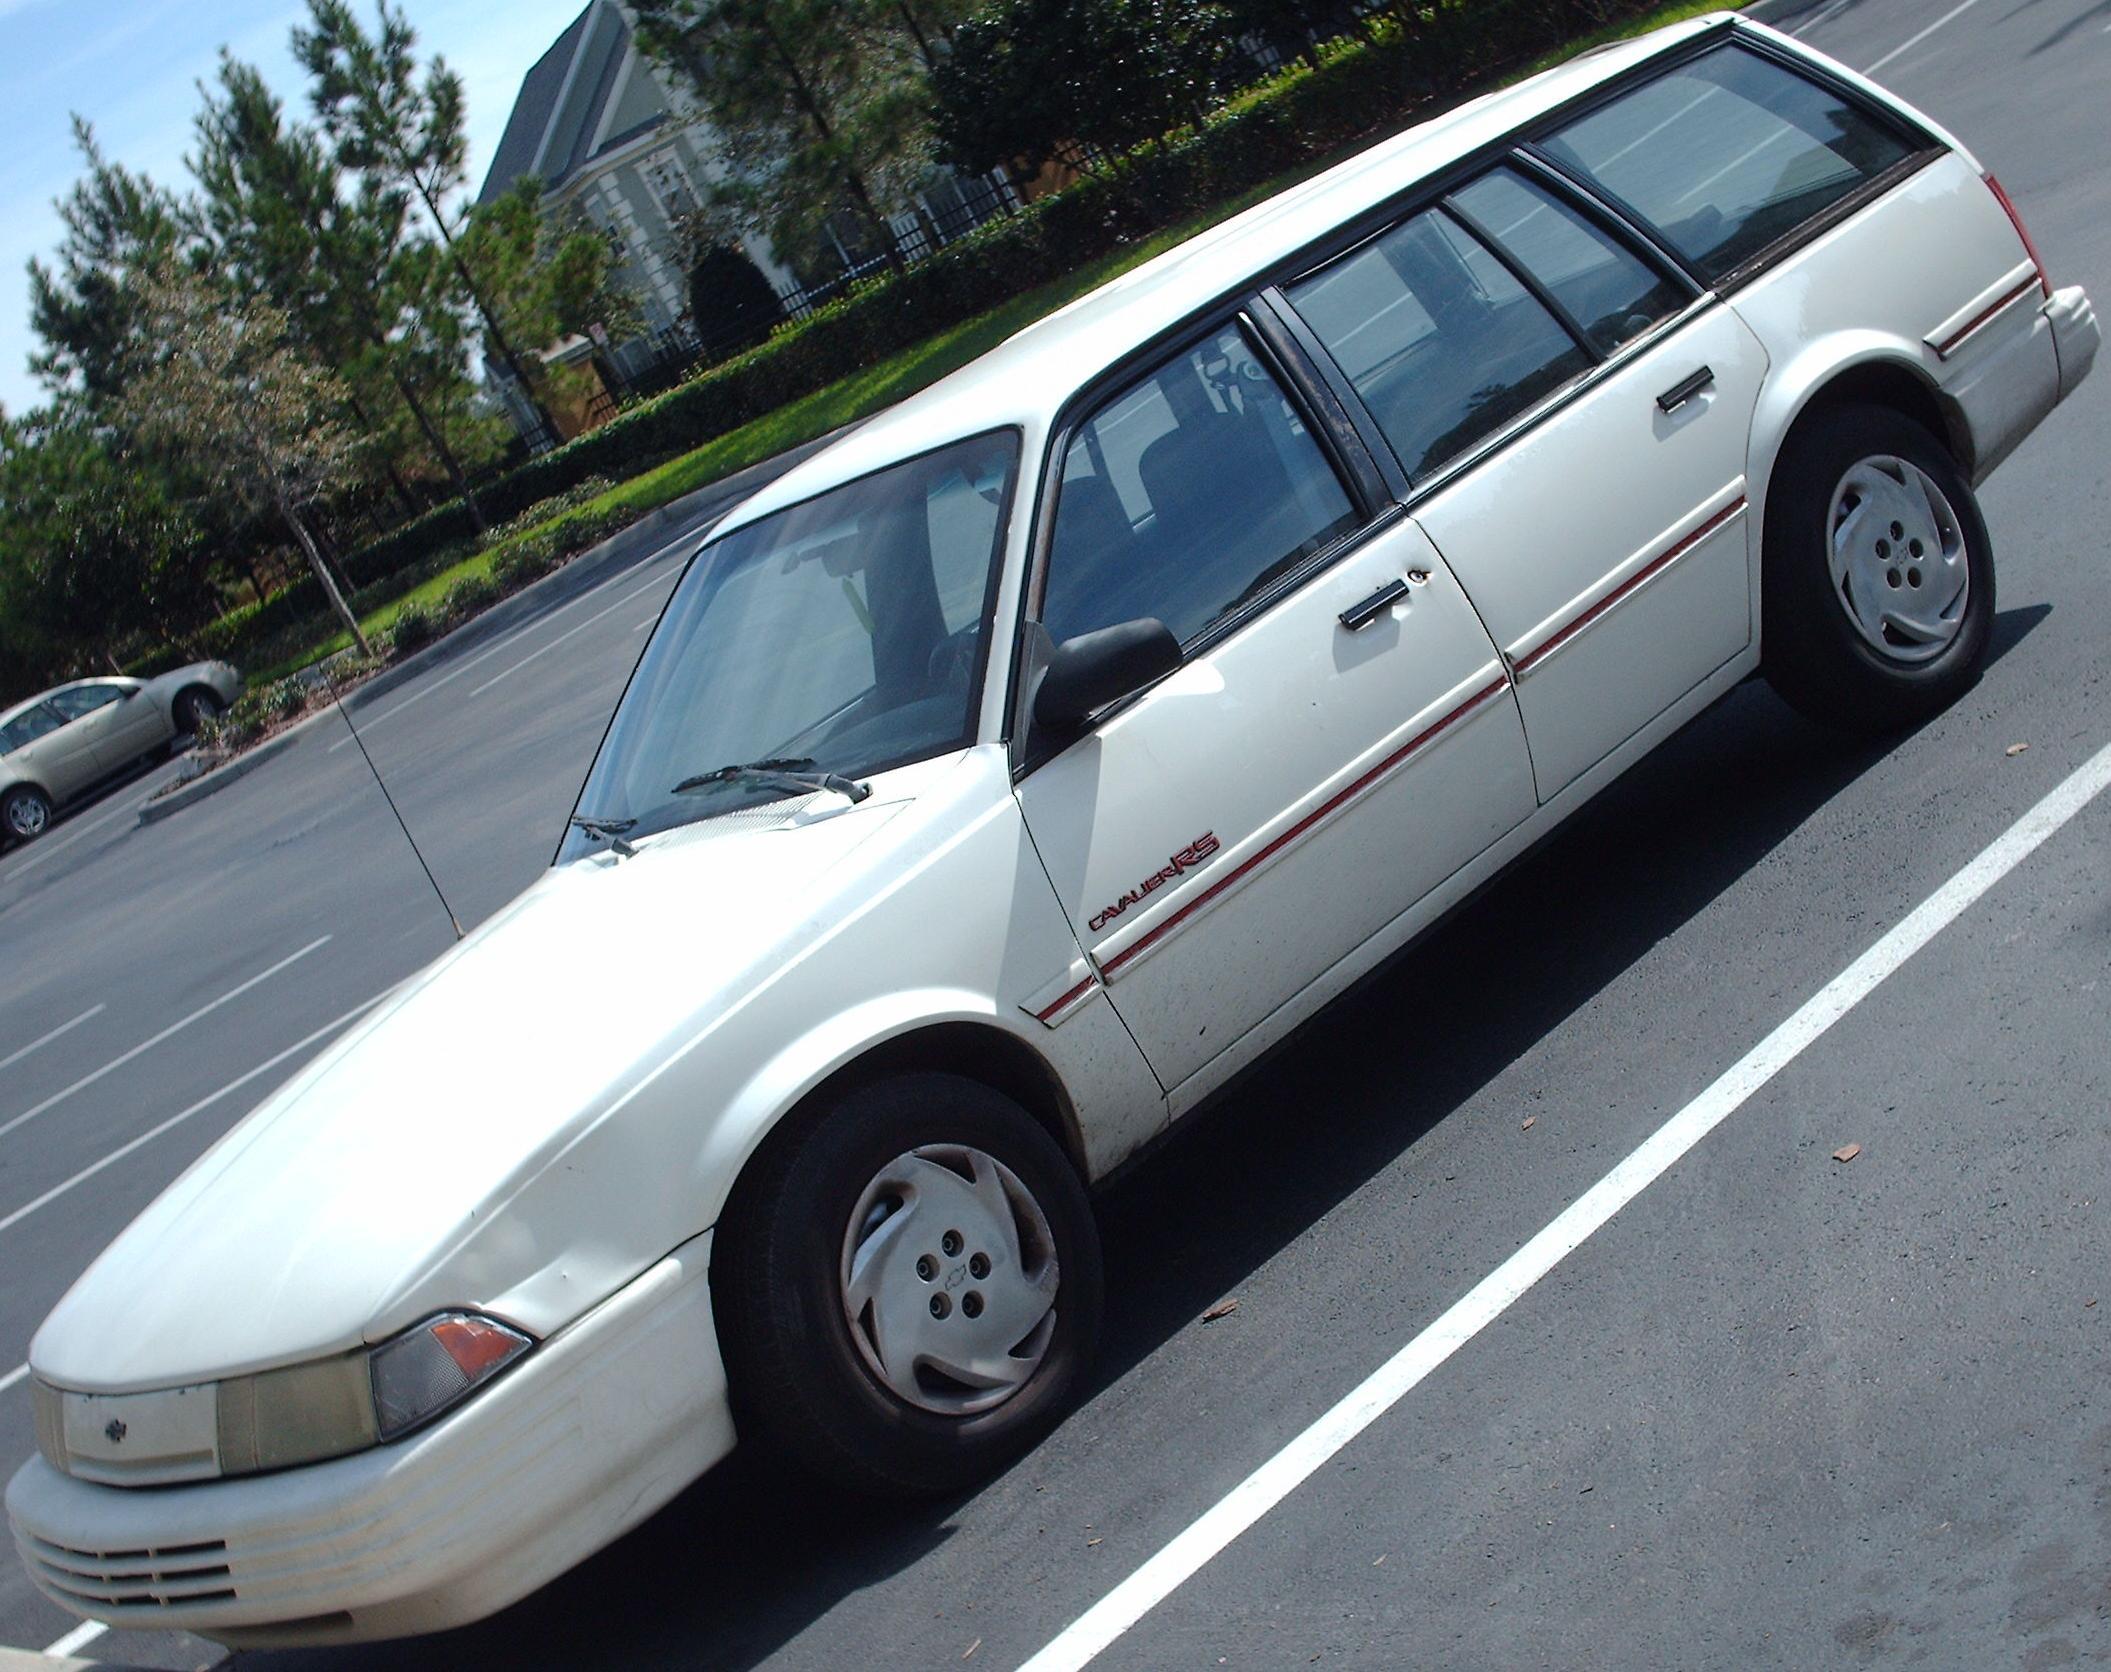 file 2nd gen chevy cavalier wagon jpg wikimedia commons https commons wikimedia org wiki file 2nd gen chevy cavalier wagon jpg